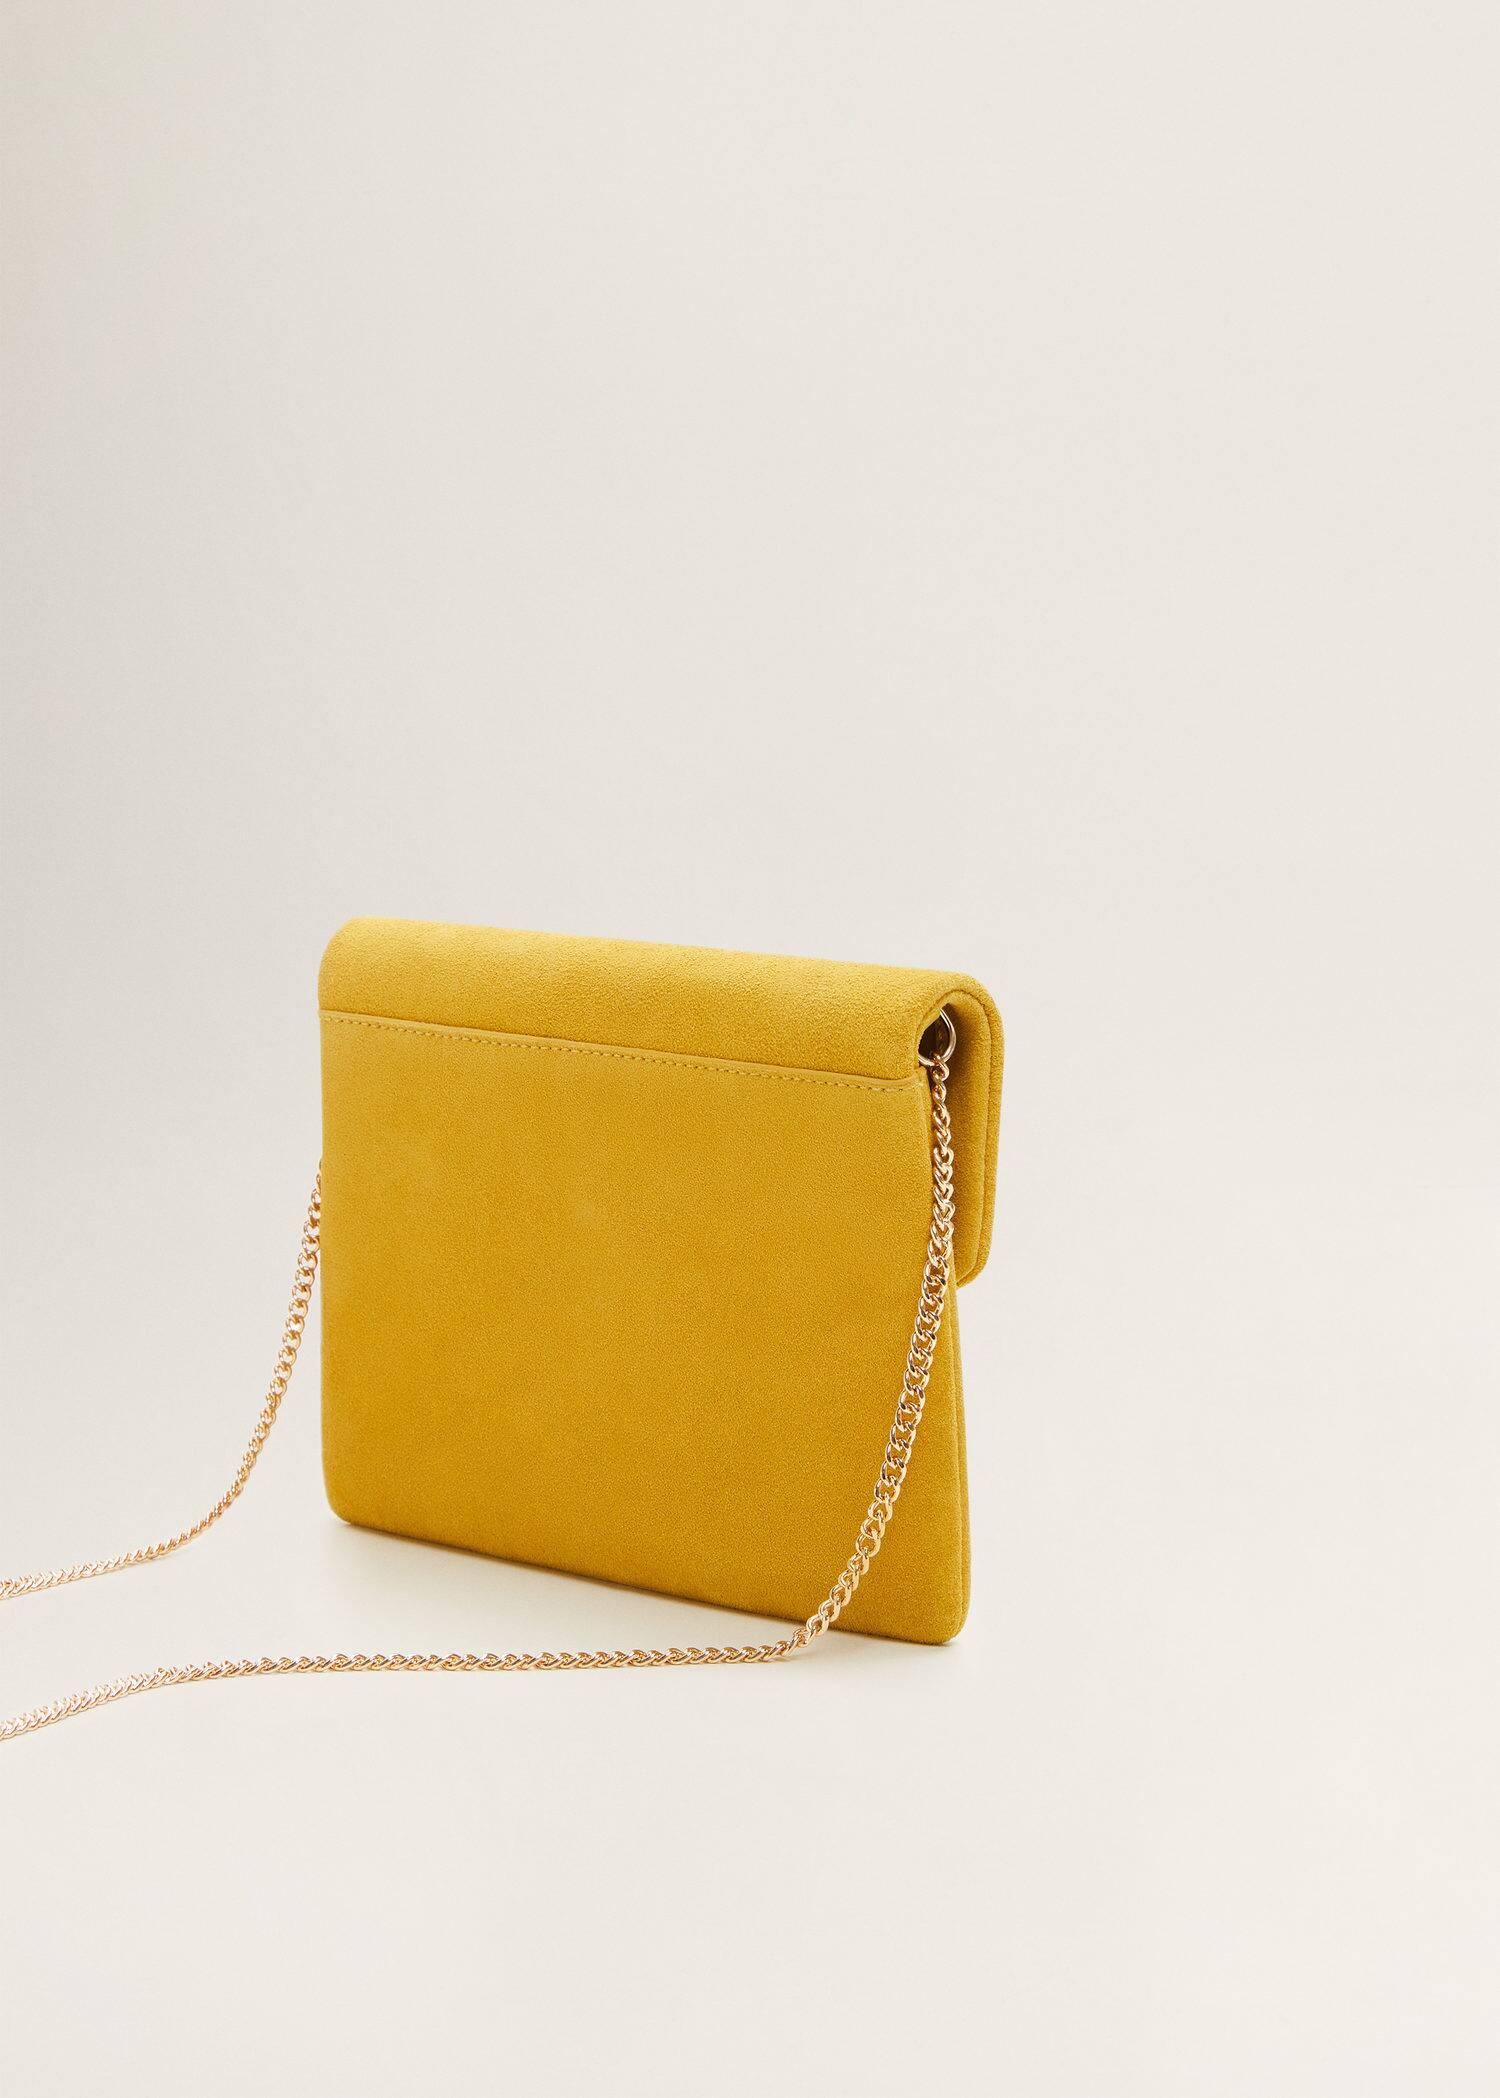 09df20019fe31 Mango Deri zarf çanta 1 Mango Deri zarf çanta 3 ...